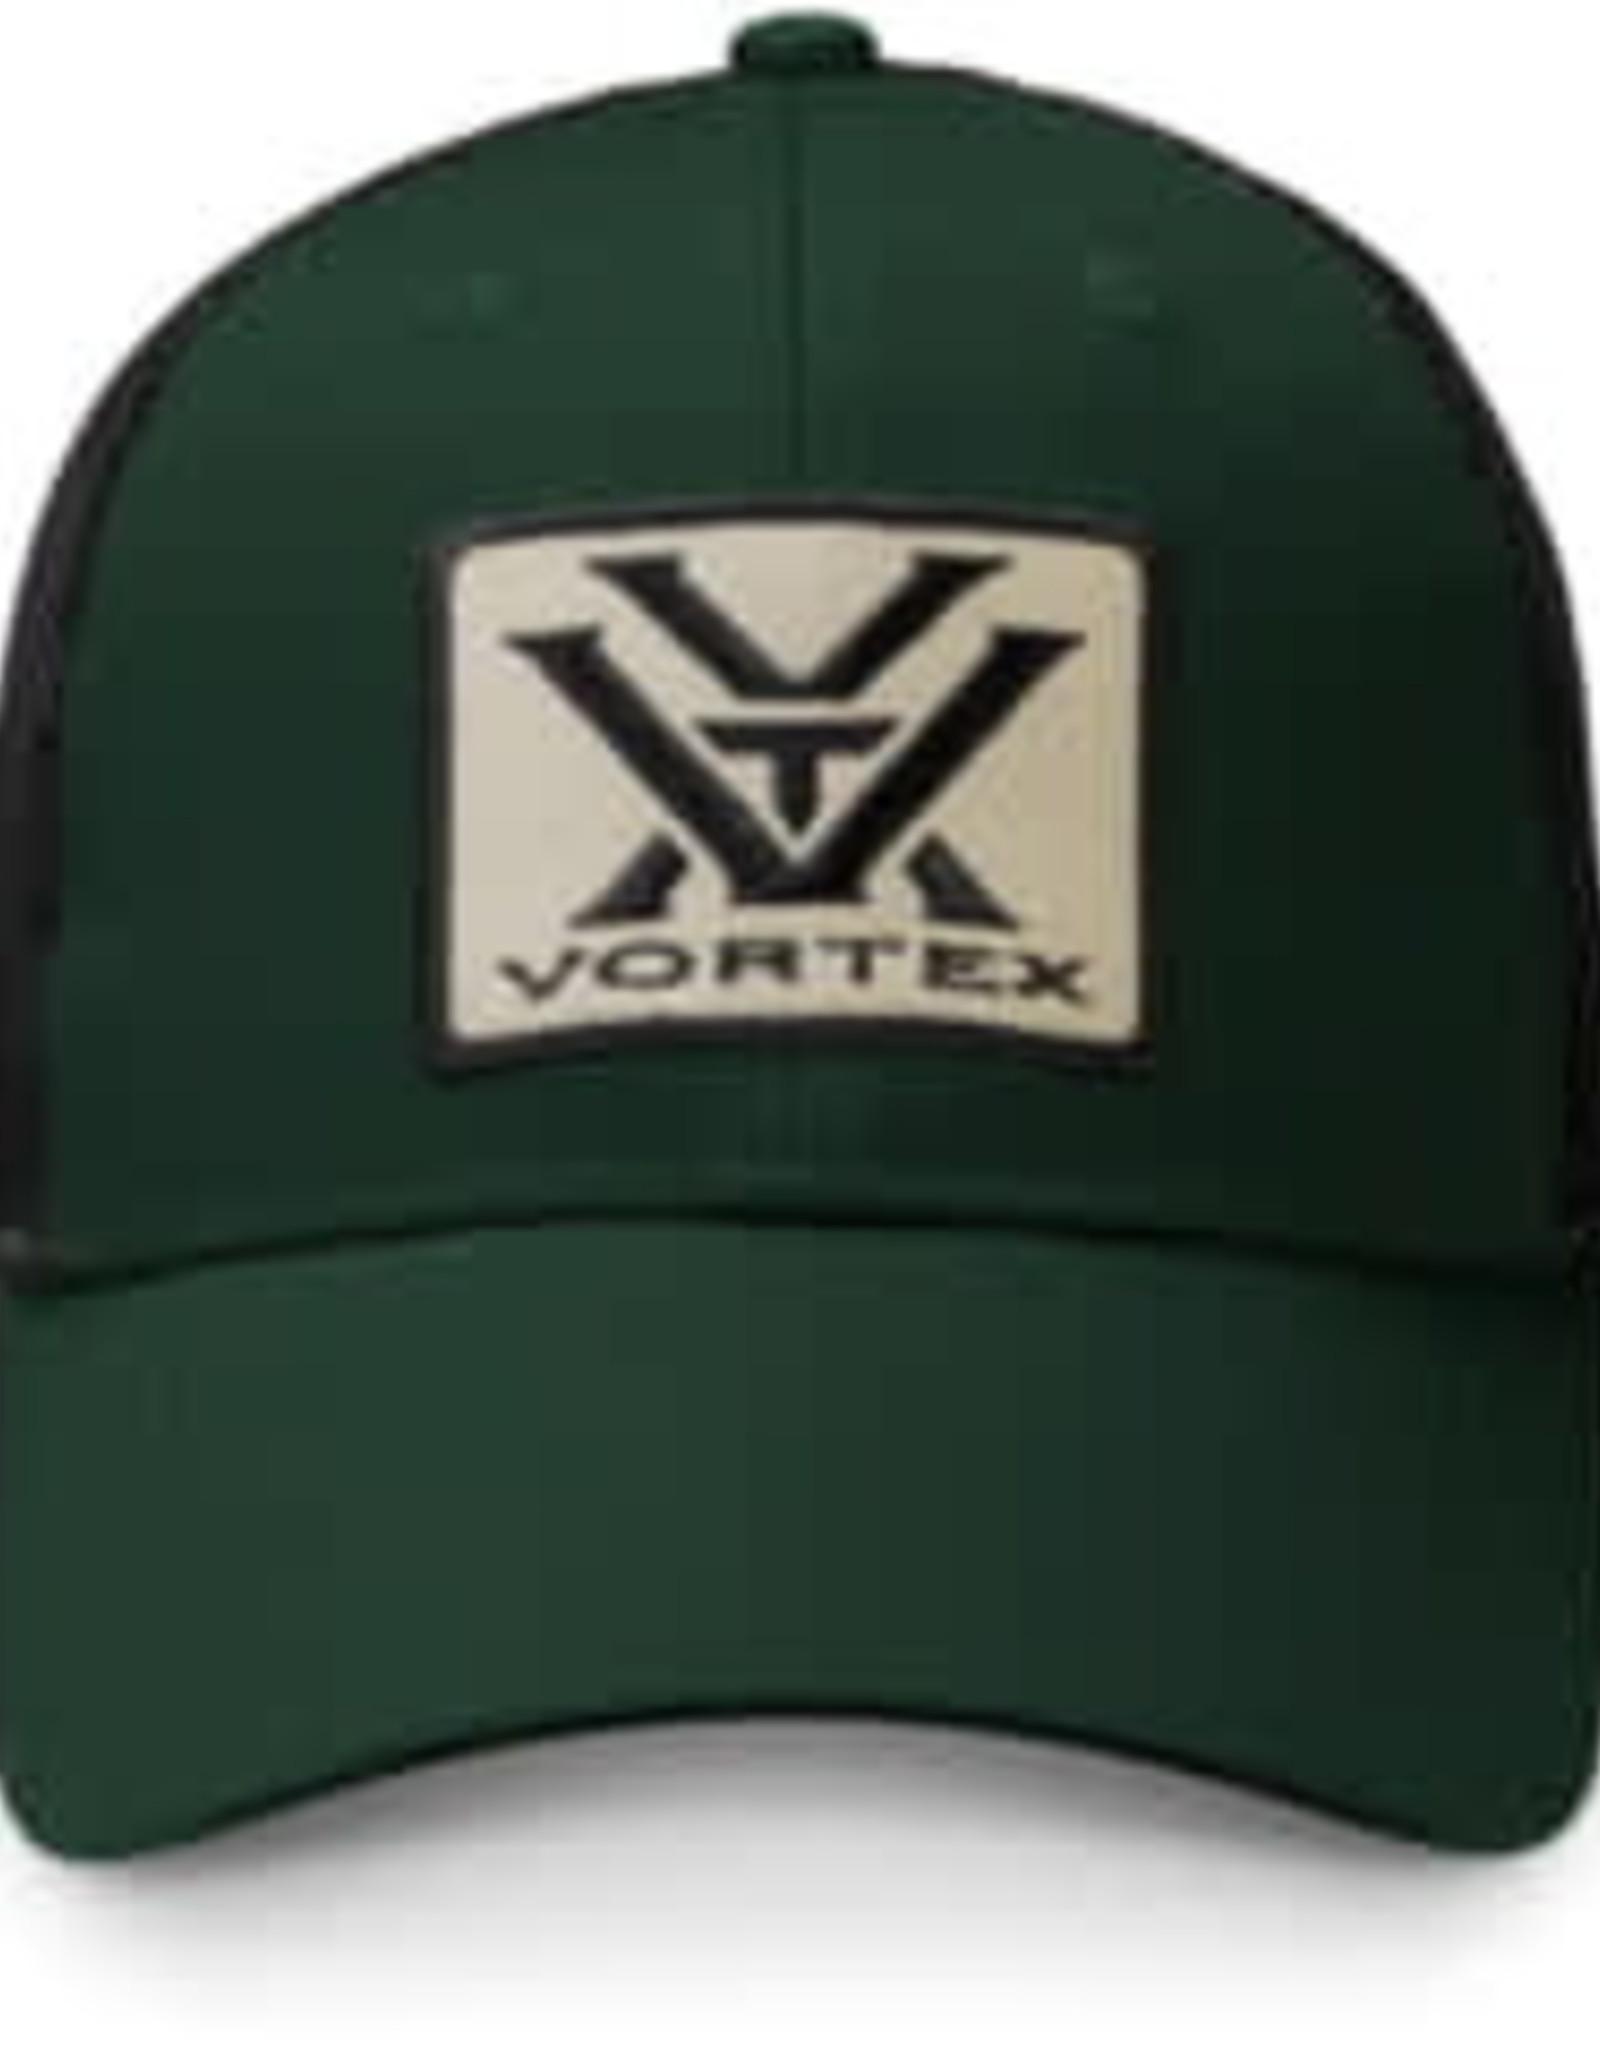 Vortex Kalamata Patch Logo Vortex Hat